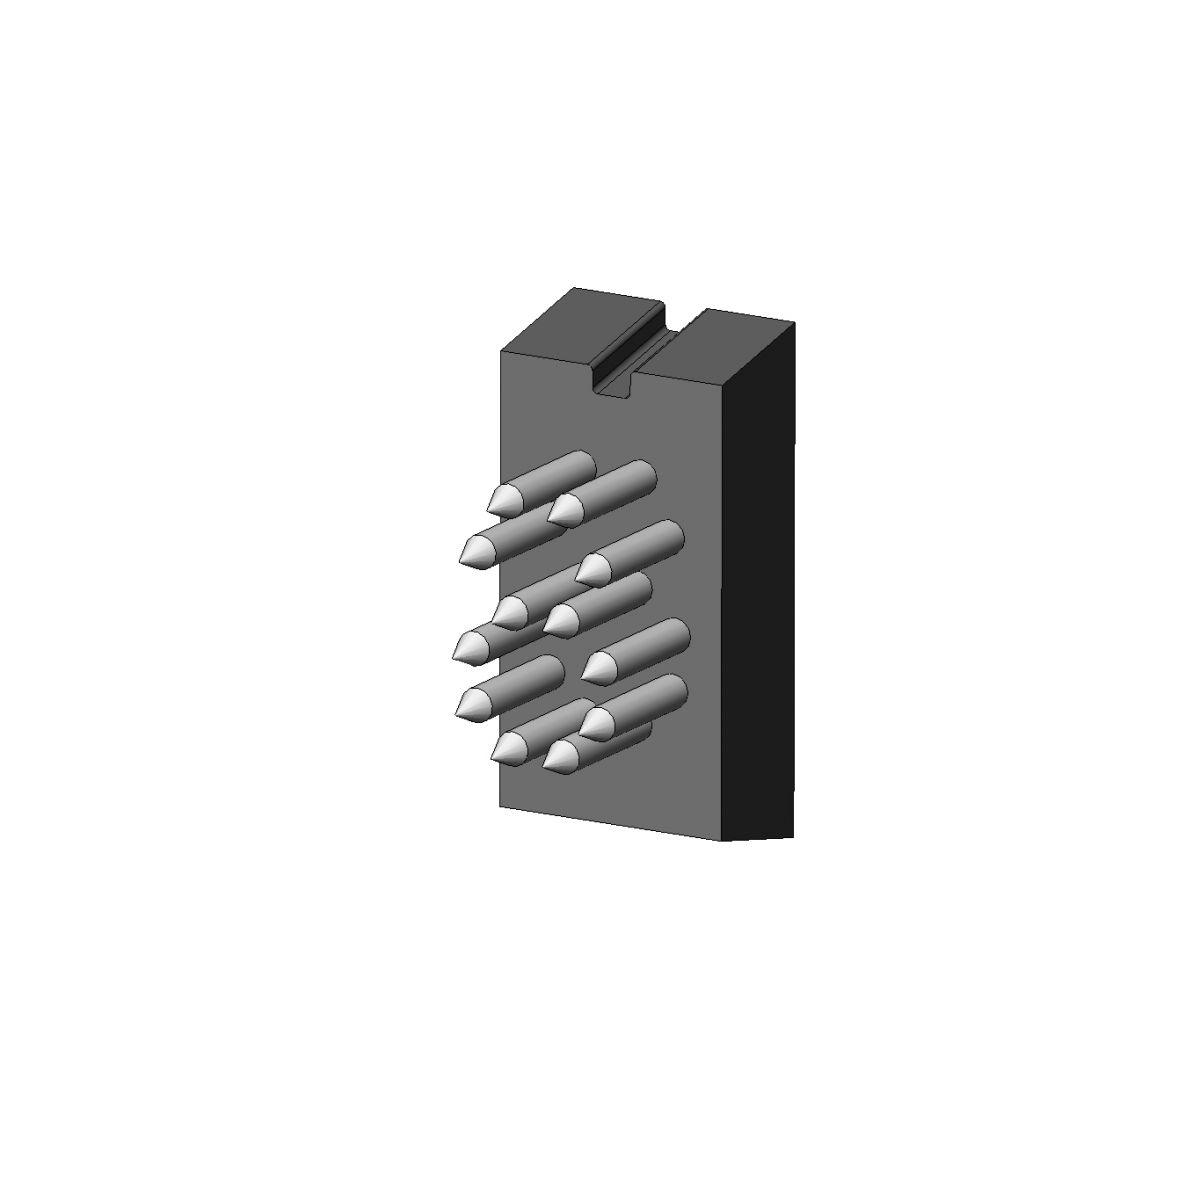 Jogo Números P18.5 x 9 (10 mm) - 4 Espaços